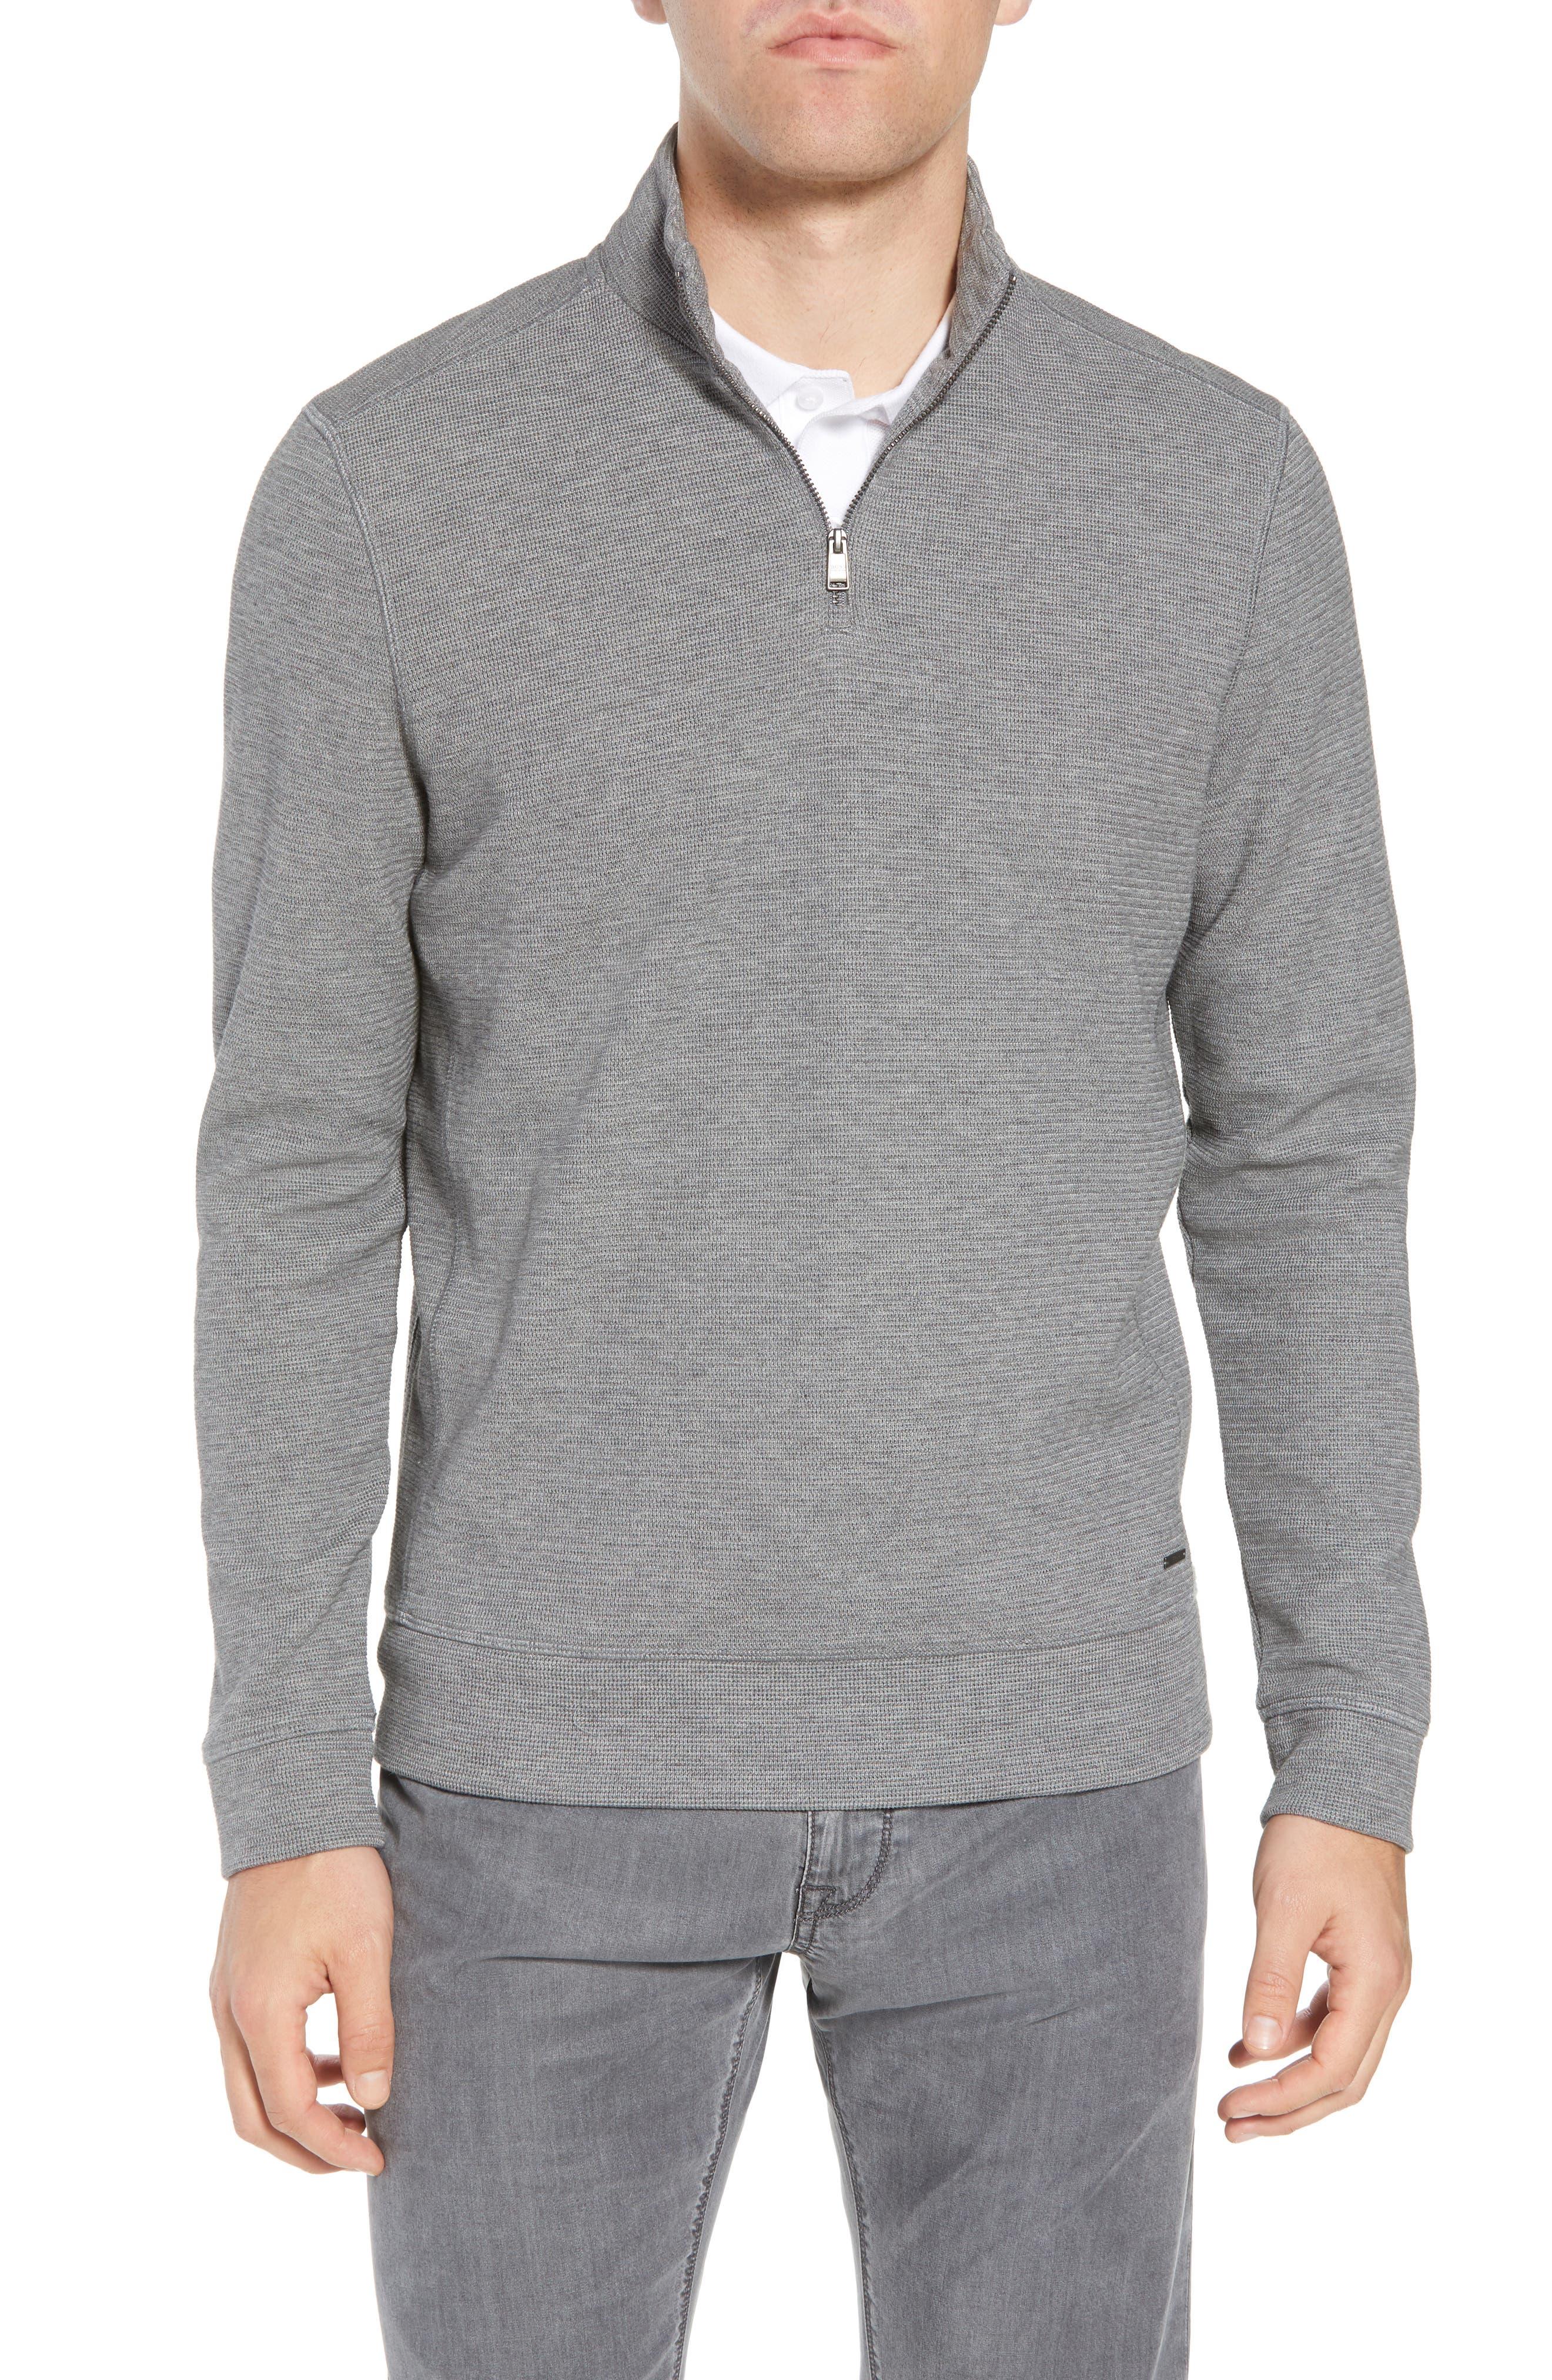 Hugo Boss Regular Fit Sidney Quarter Zip Pullover,                             Main thumbnail 1, color,                             Grey